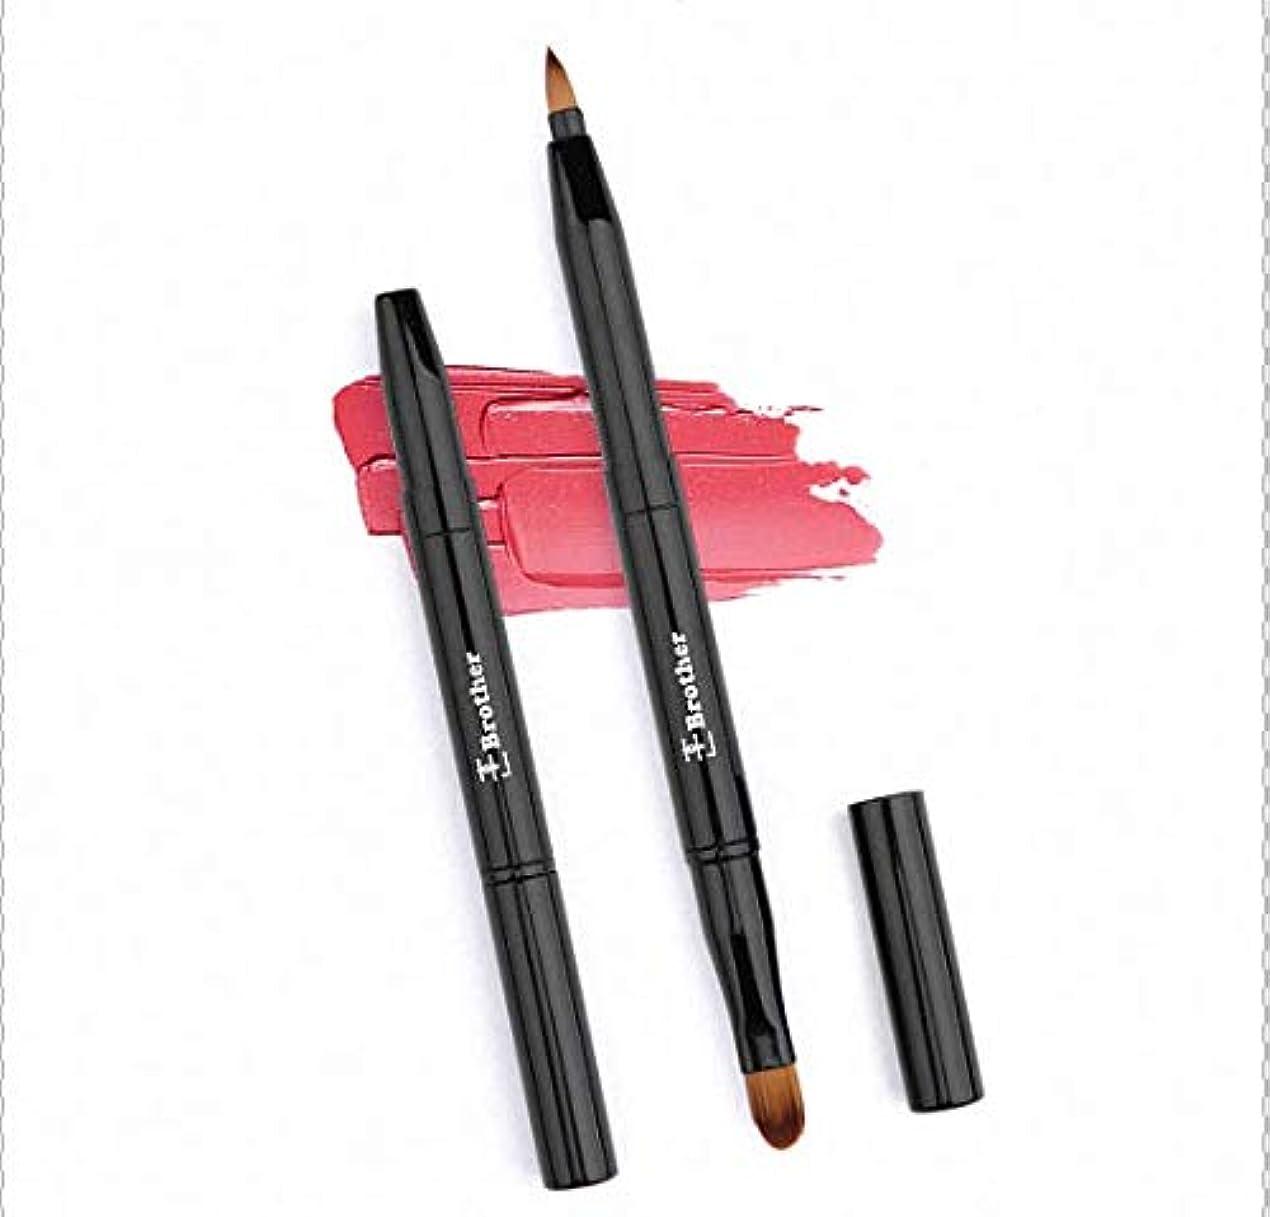 くちばし審判装備するリップブラシ、アイブロウブラシ2in1(ツーインワン) 伸縮機能付き ソフトでフィット感のある化粧筆(超柔らかい)。 携帯便利。ギフト用、旅行用に最適。